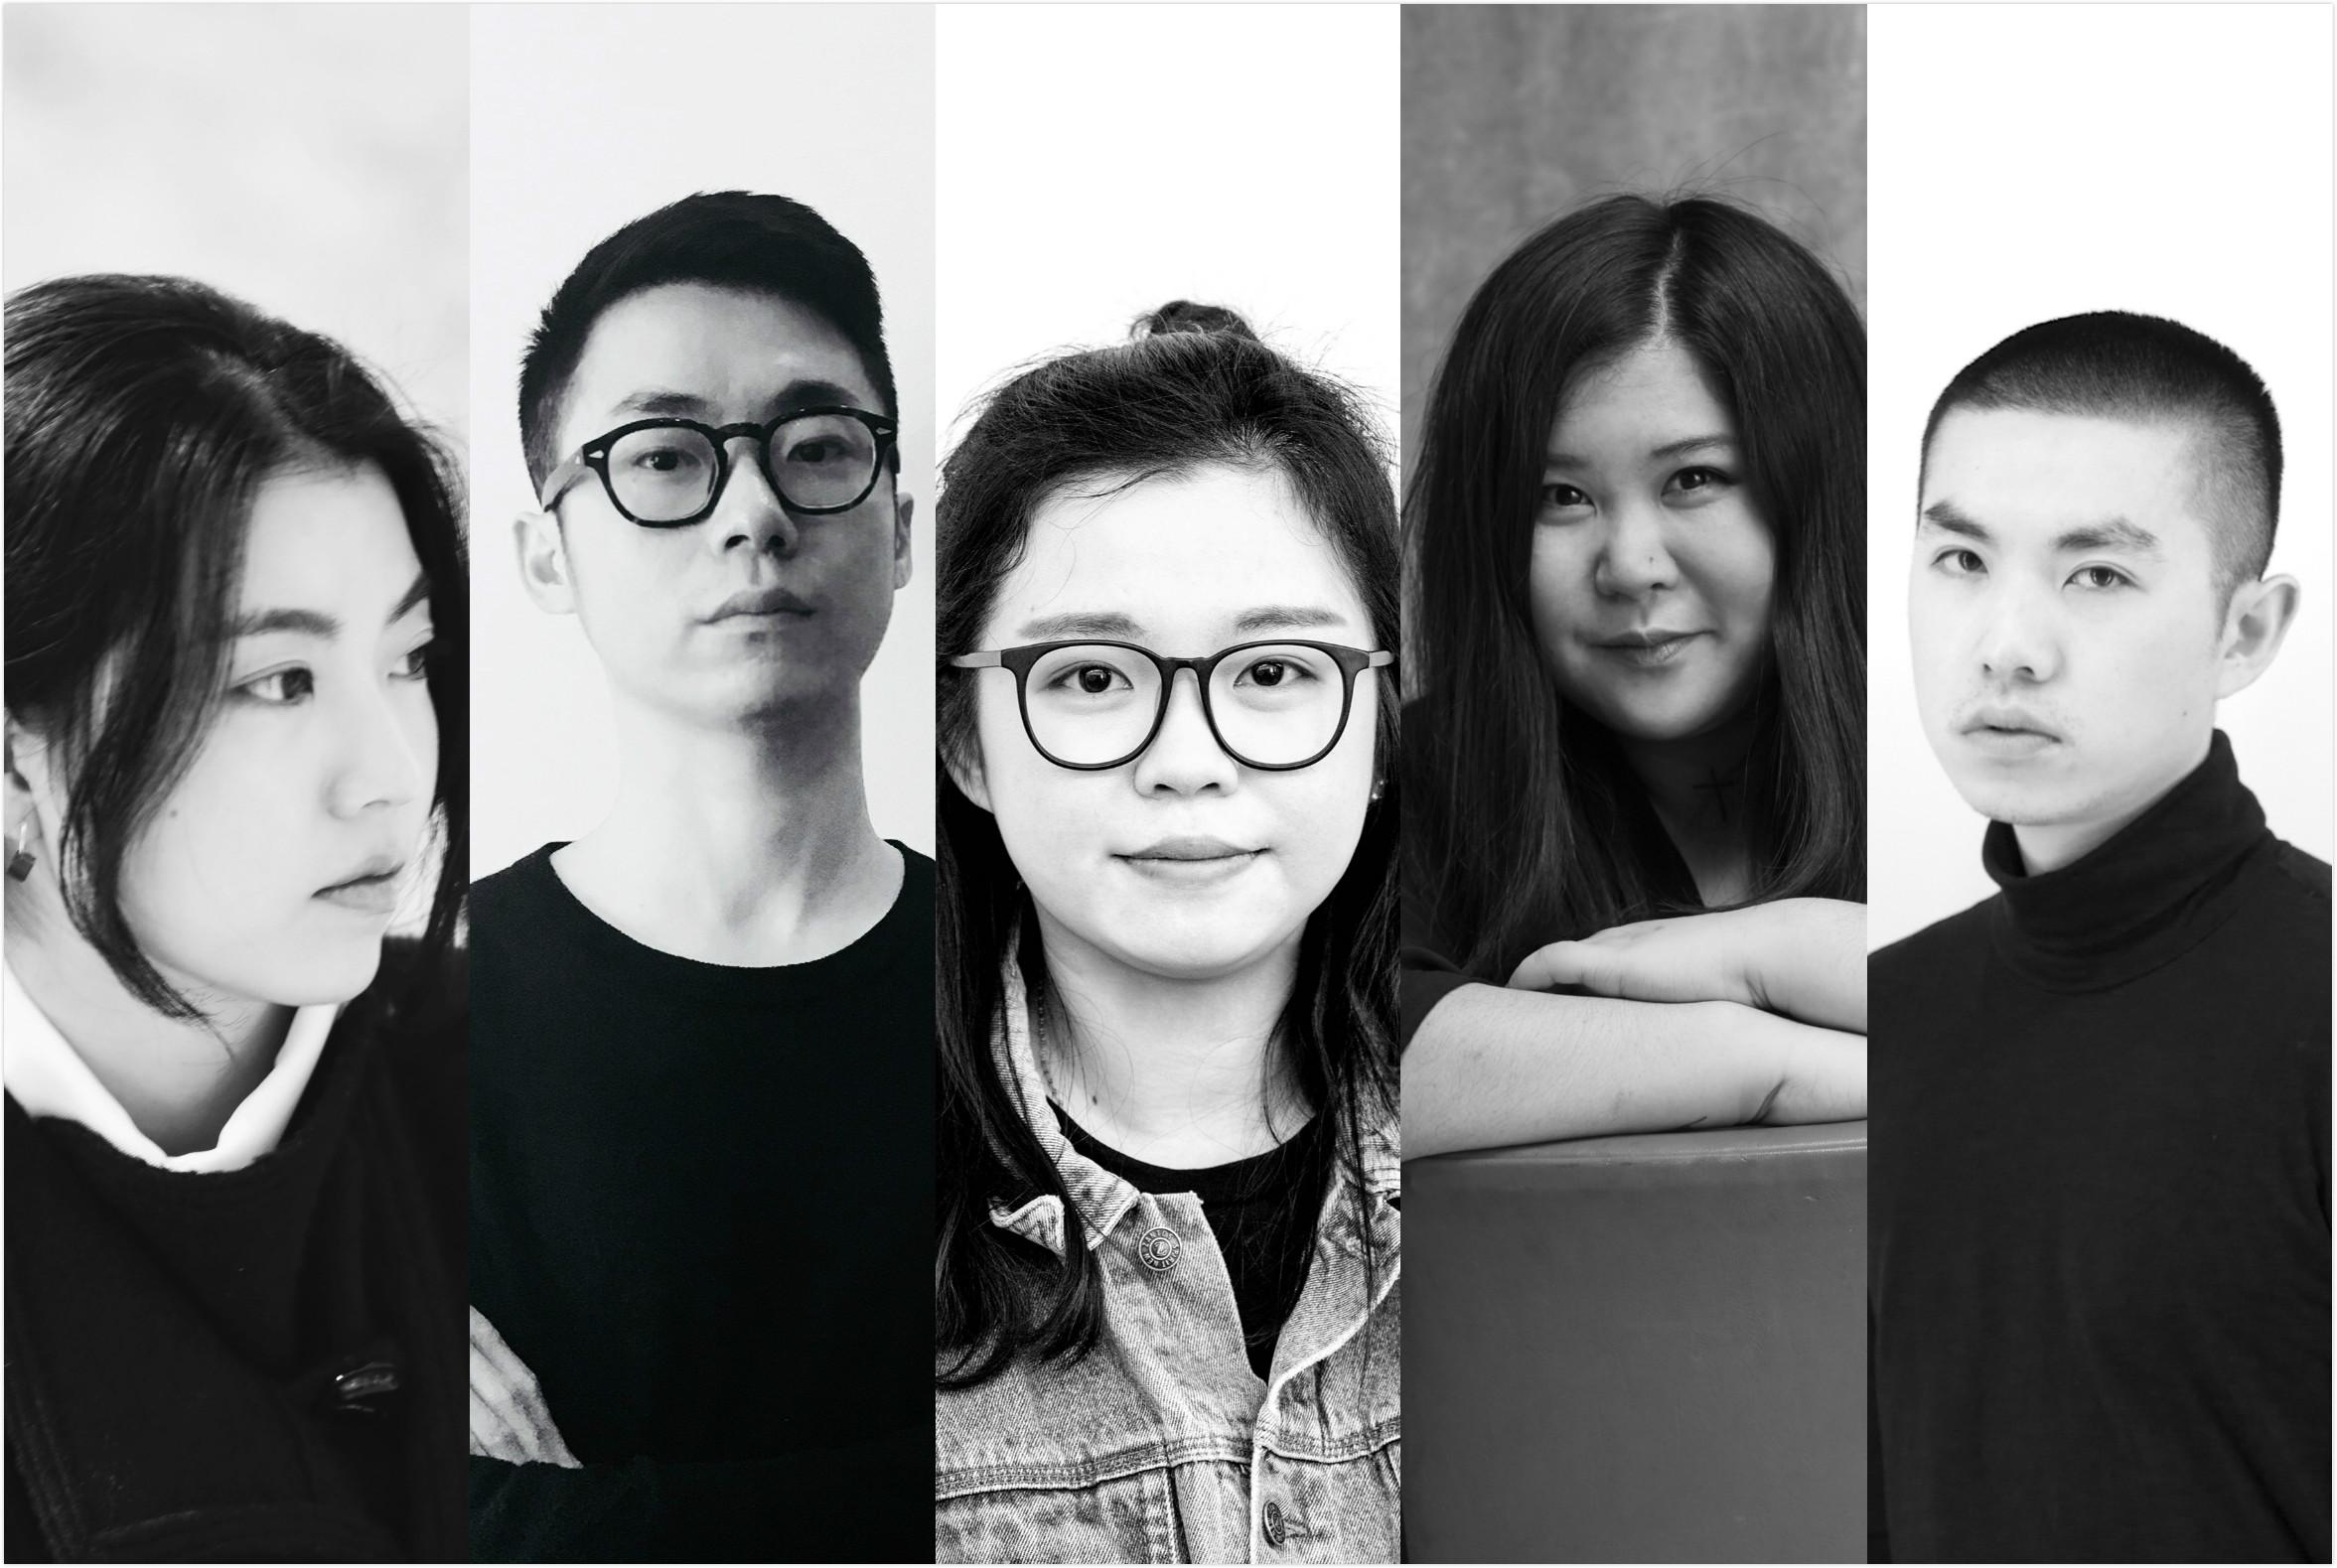 Susan Fang, Ming Ma, Caroline Hu, Wanbing Huang and Gong Li